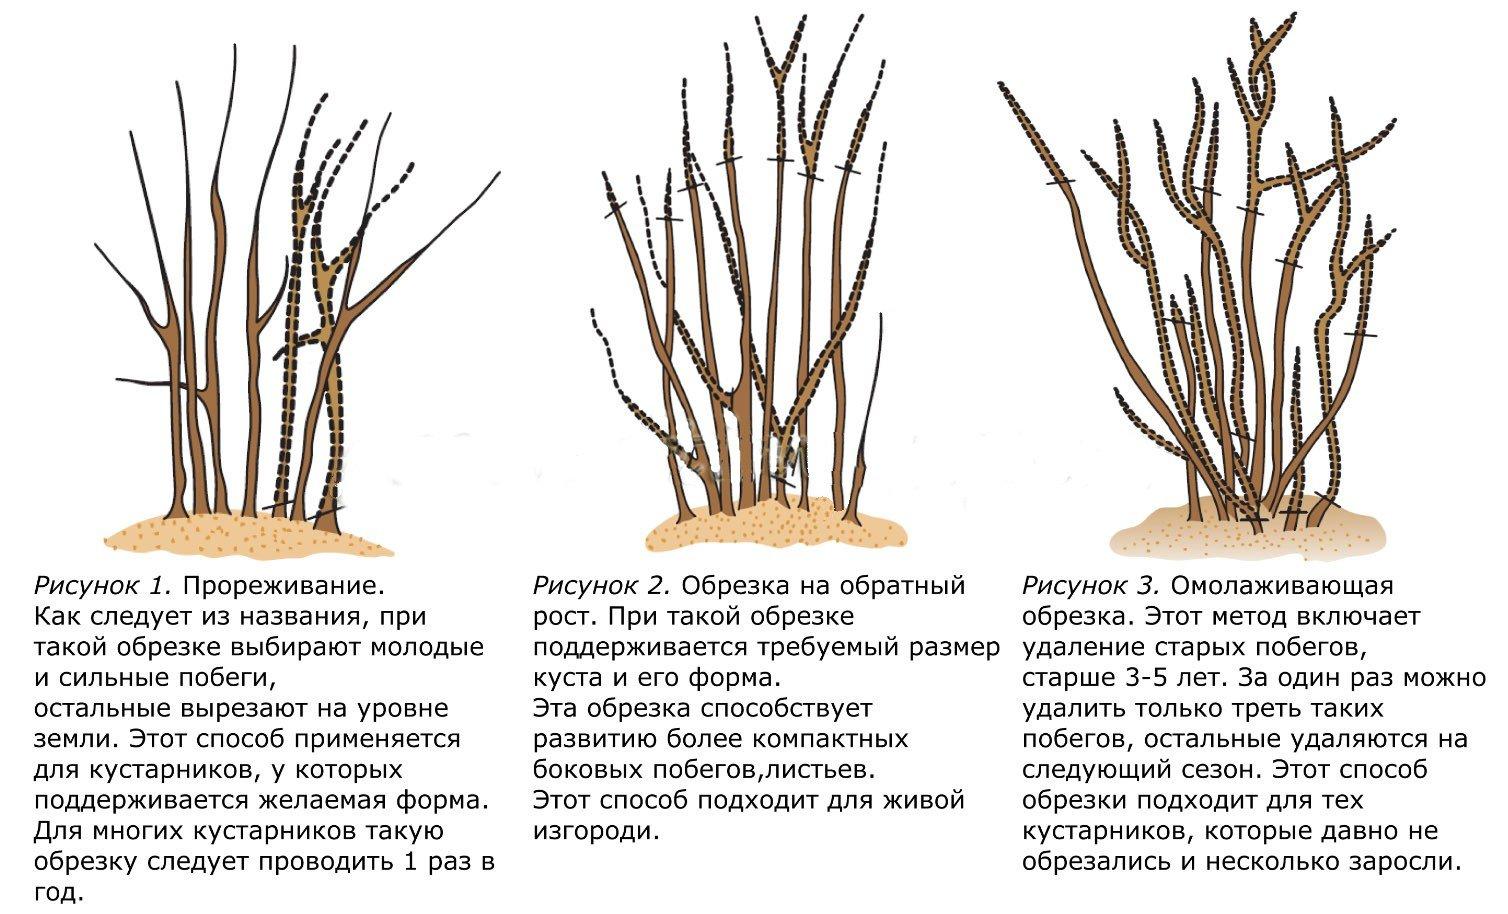 Схемы обрезки